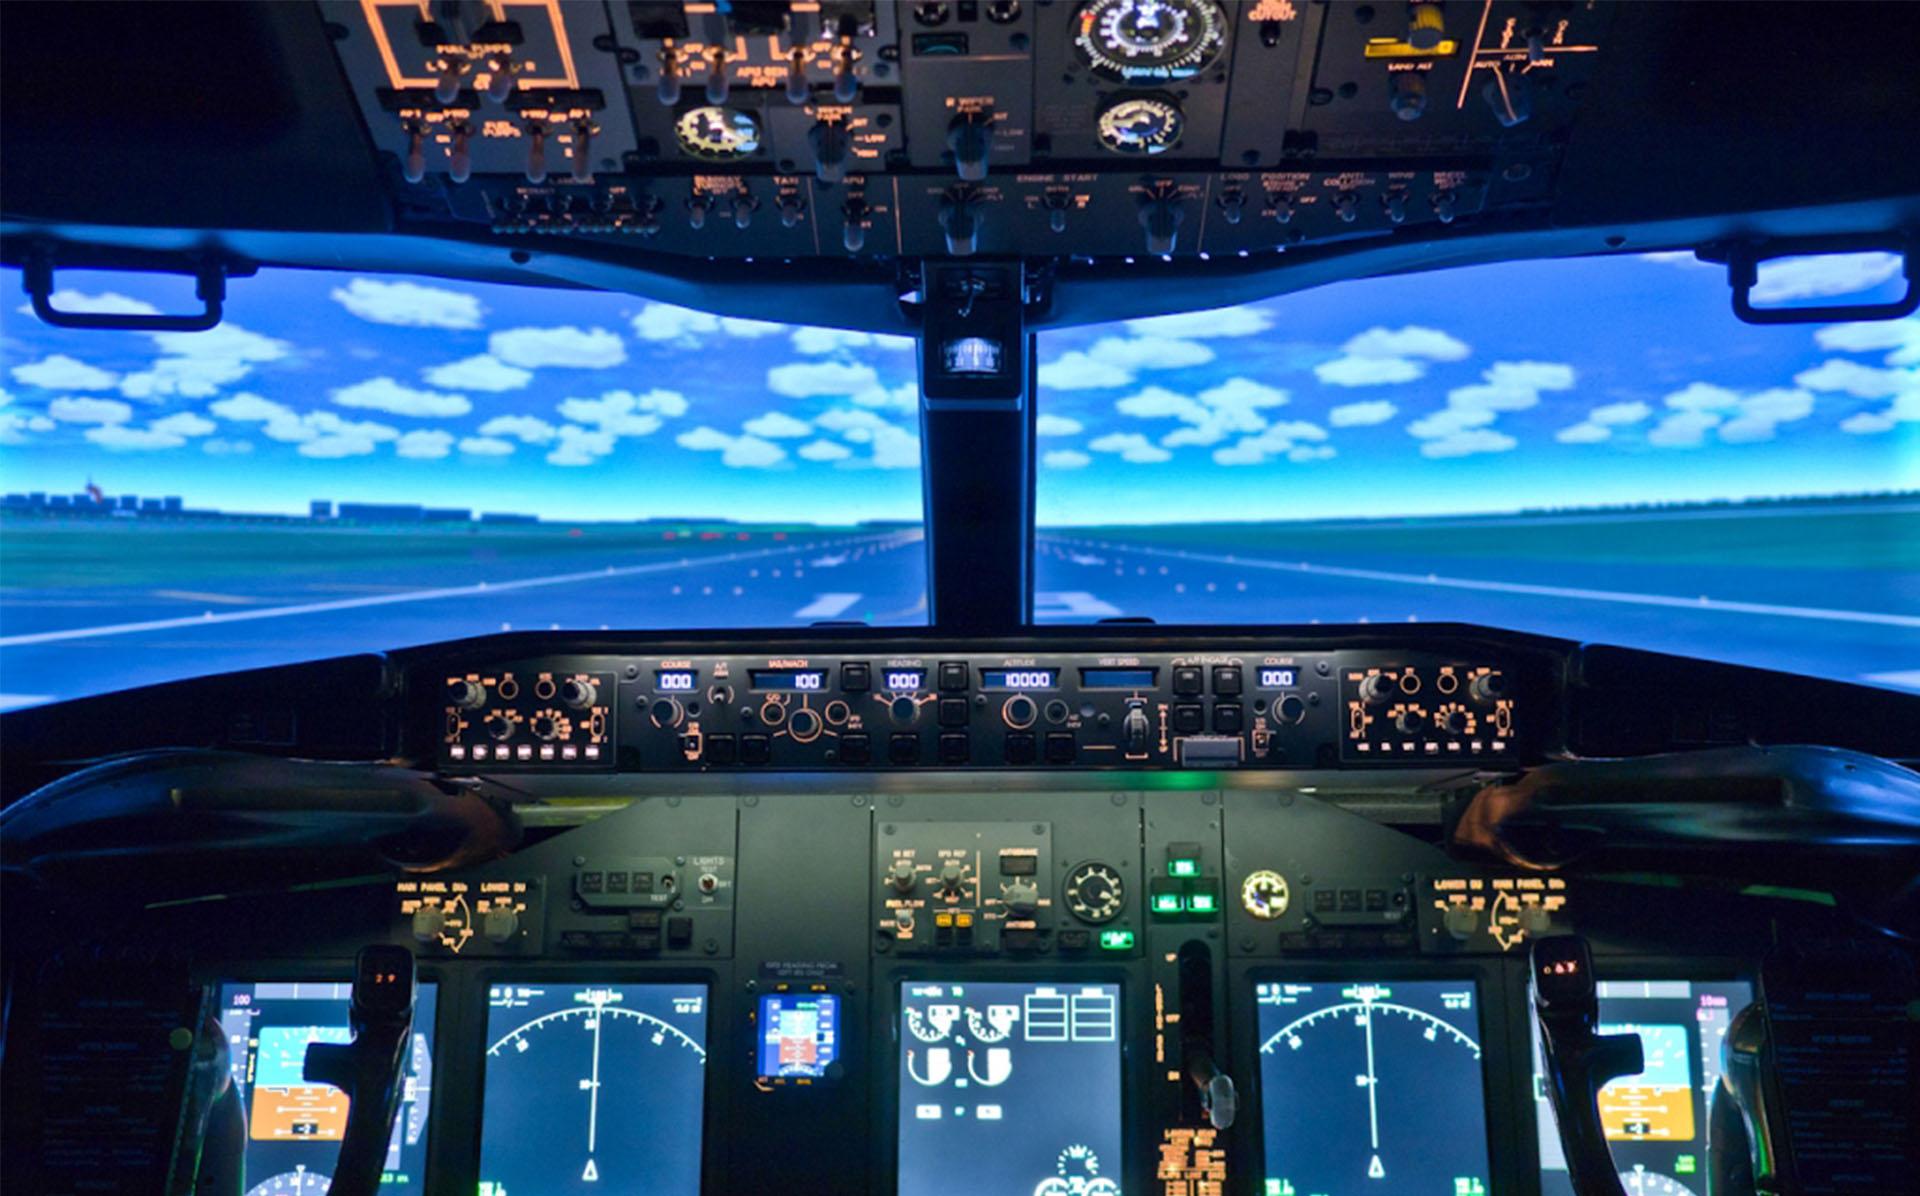 baltic-amadeus-sukurta-interneto-svetaine-kviecia-aplankyti-aviacijos-muzieju-norvegijoje